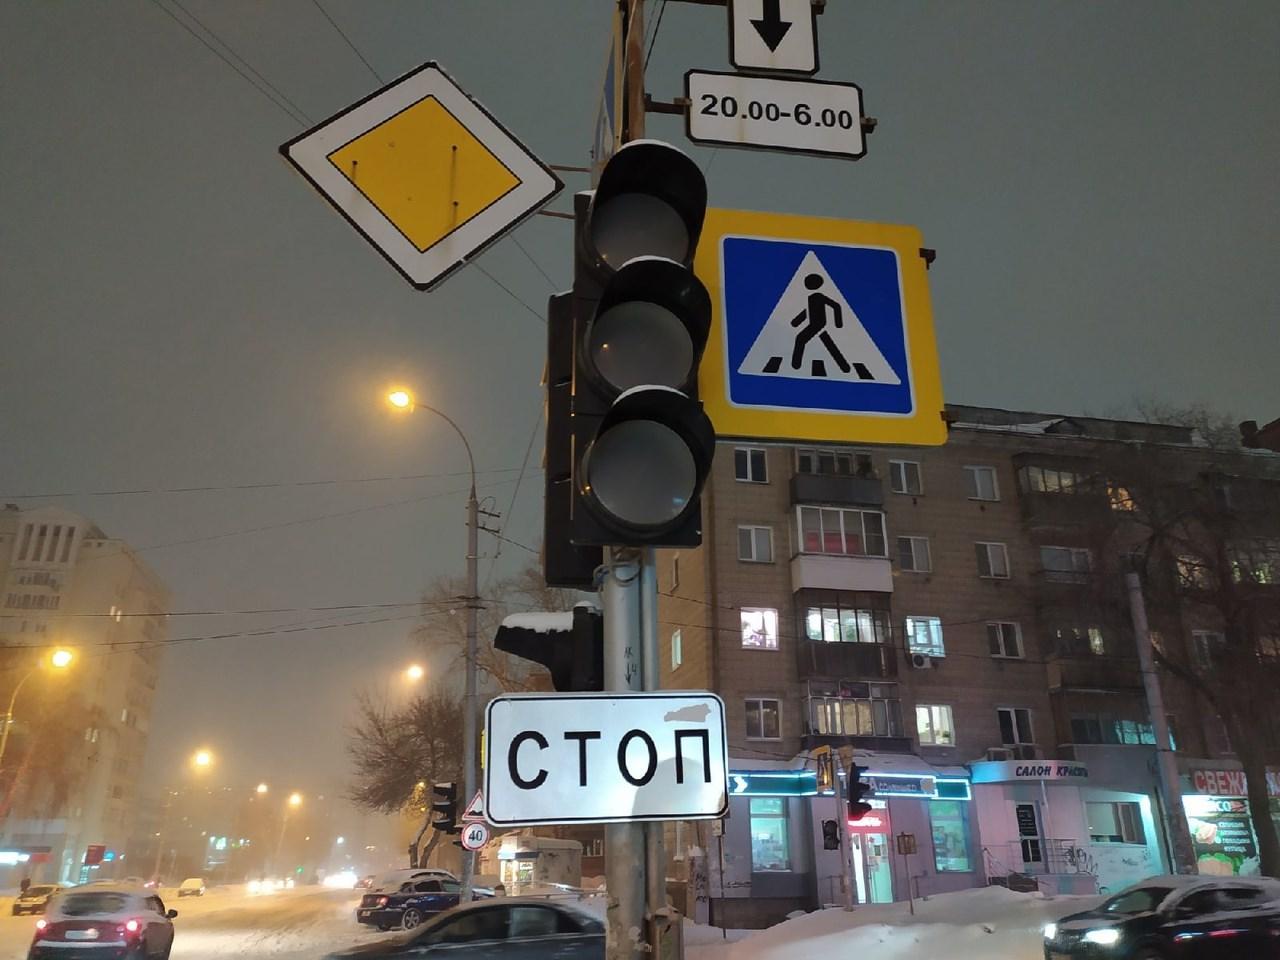 фото «Проблема не в количестве машин»: депутат горсовета назвал причины жутких пробок на дорогах Новосибирска 2